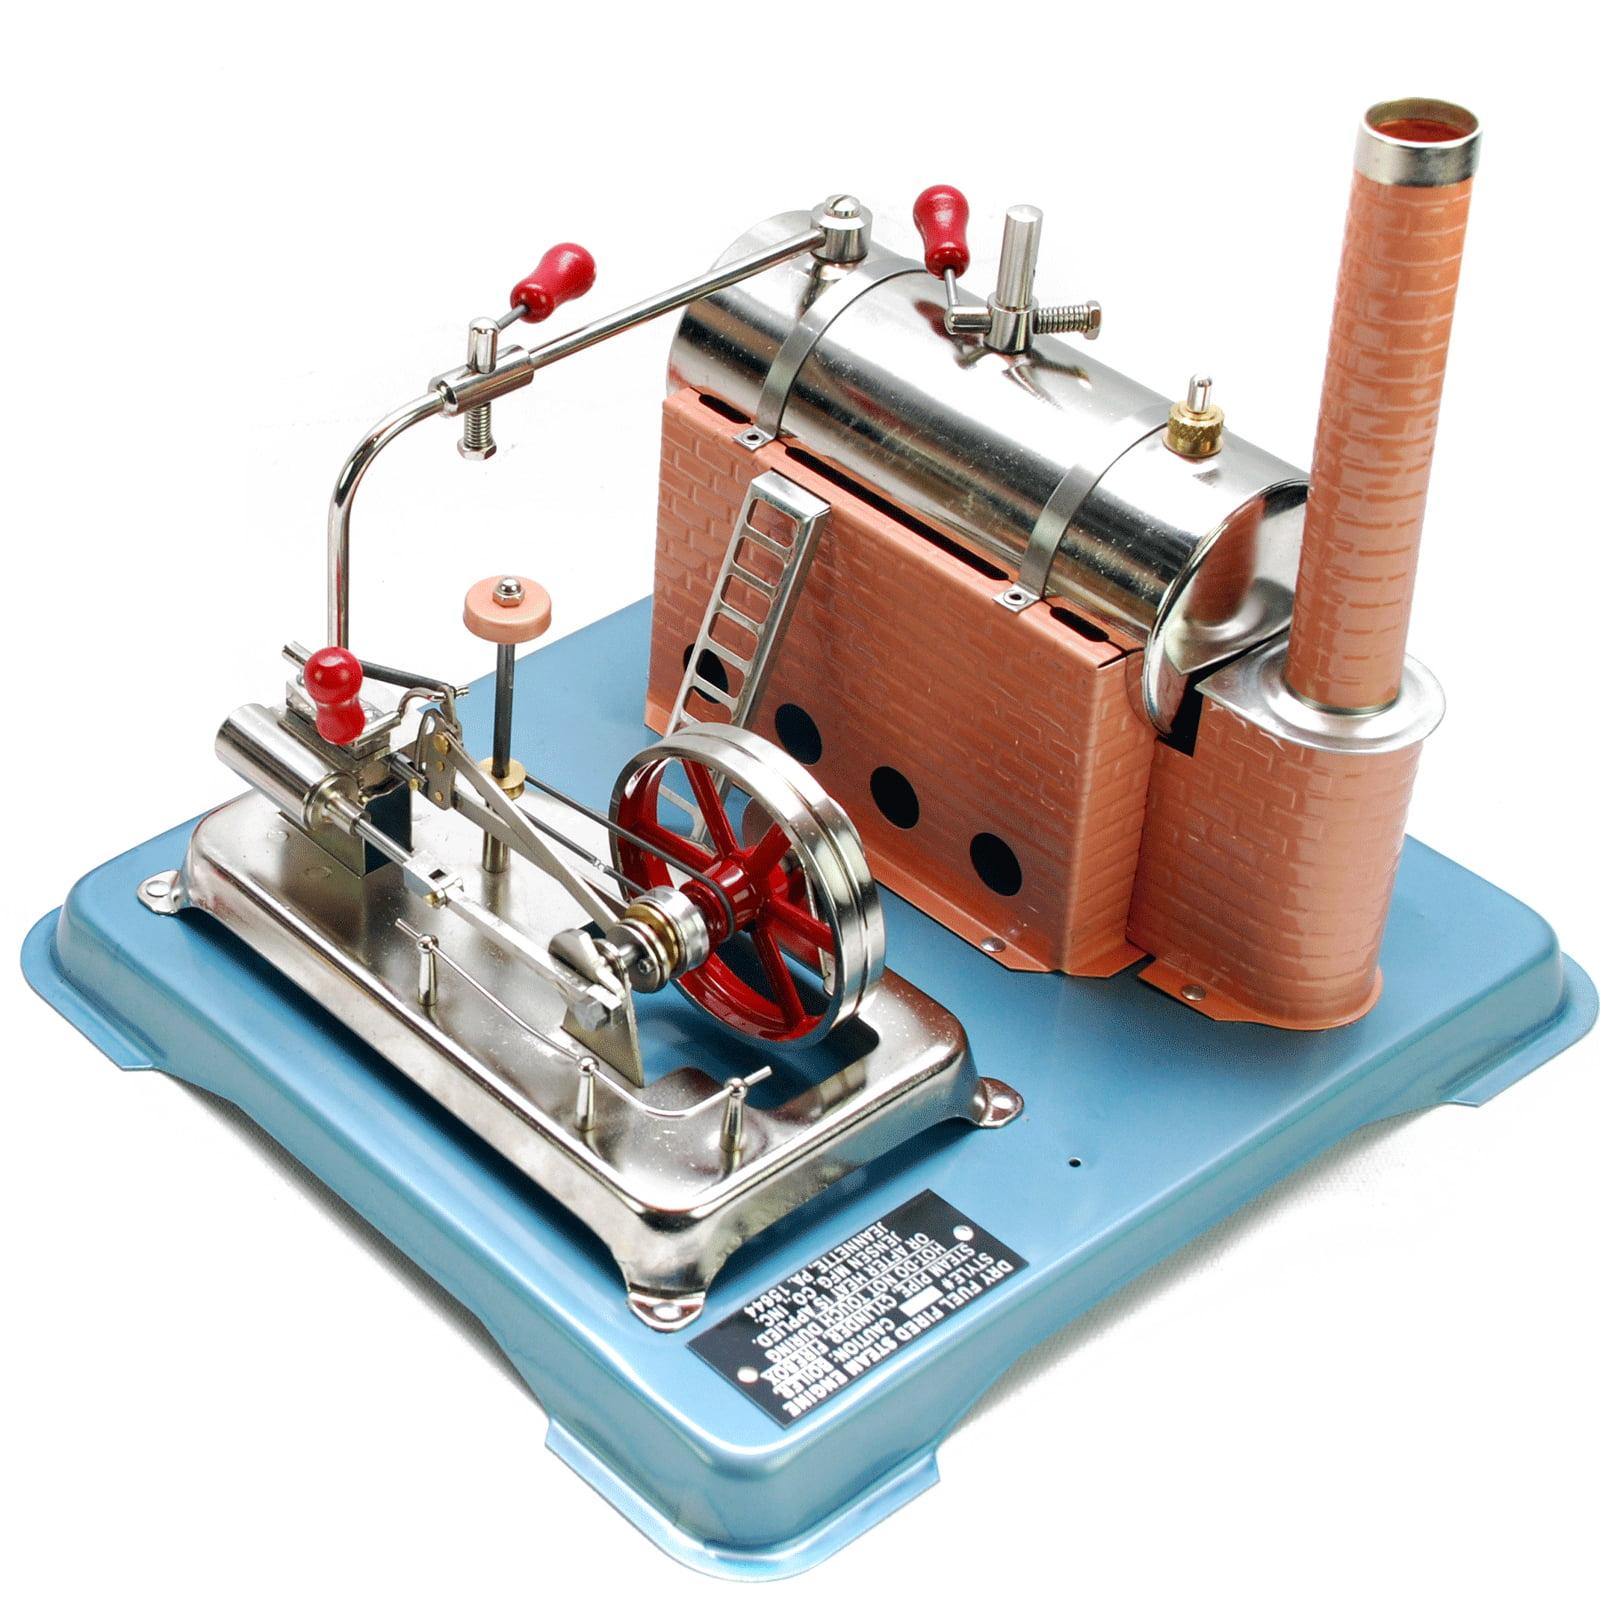 Jensen Toy Steam Engine Model 75 Hobby Craft Toys Made In America by Jensen Steam Engine